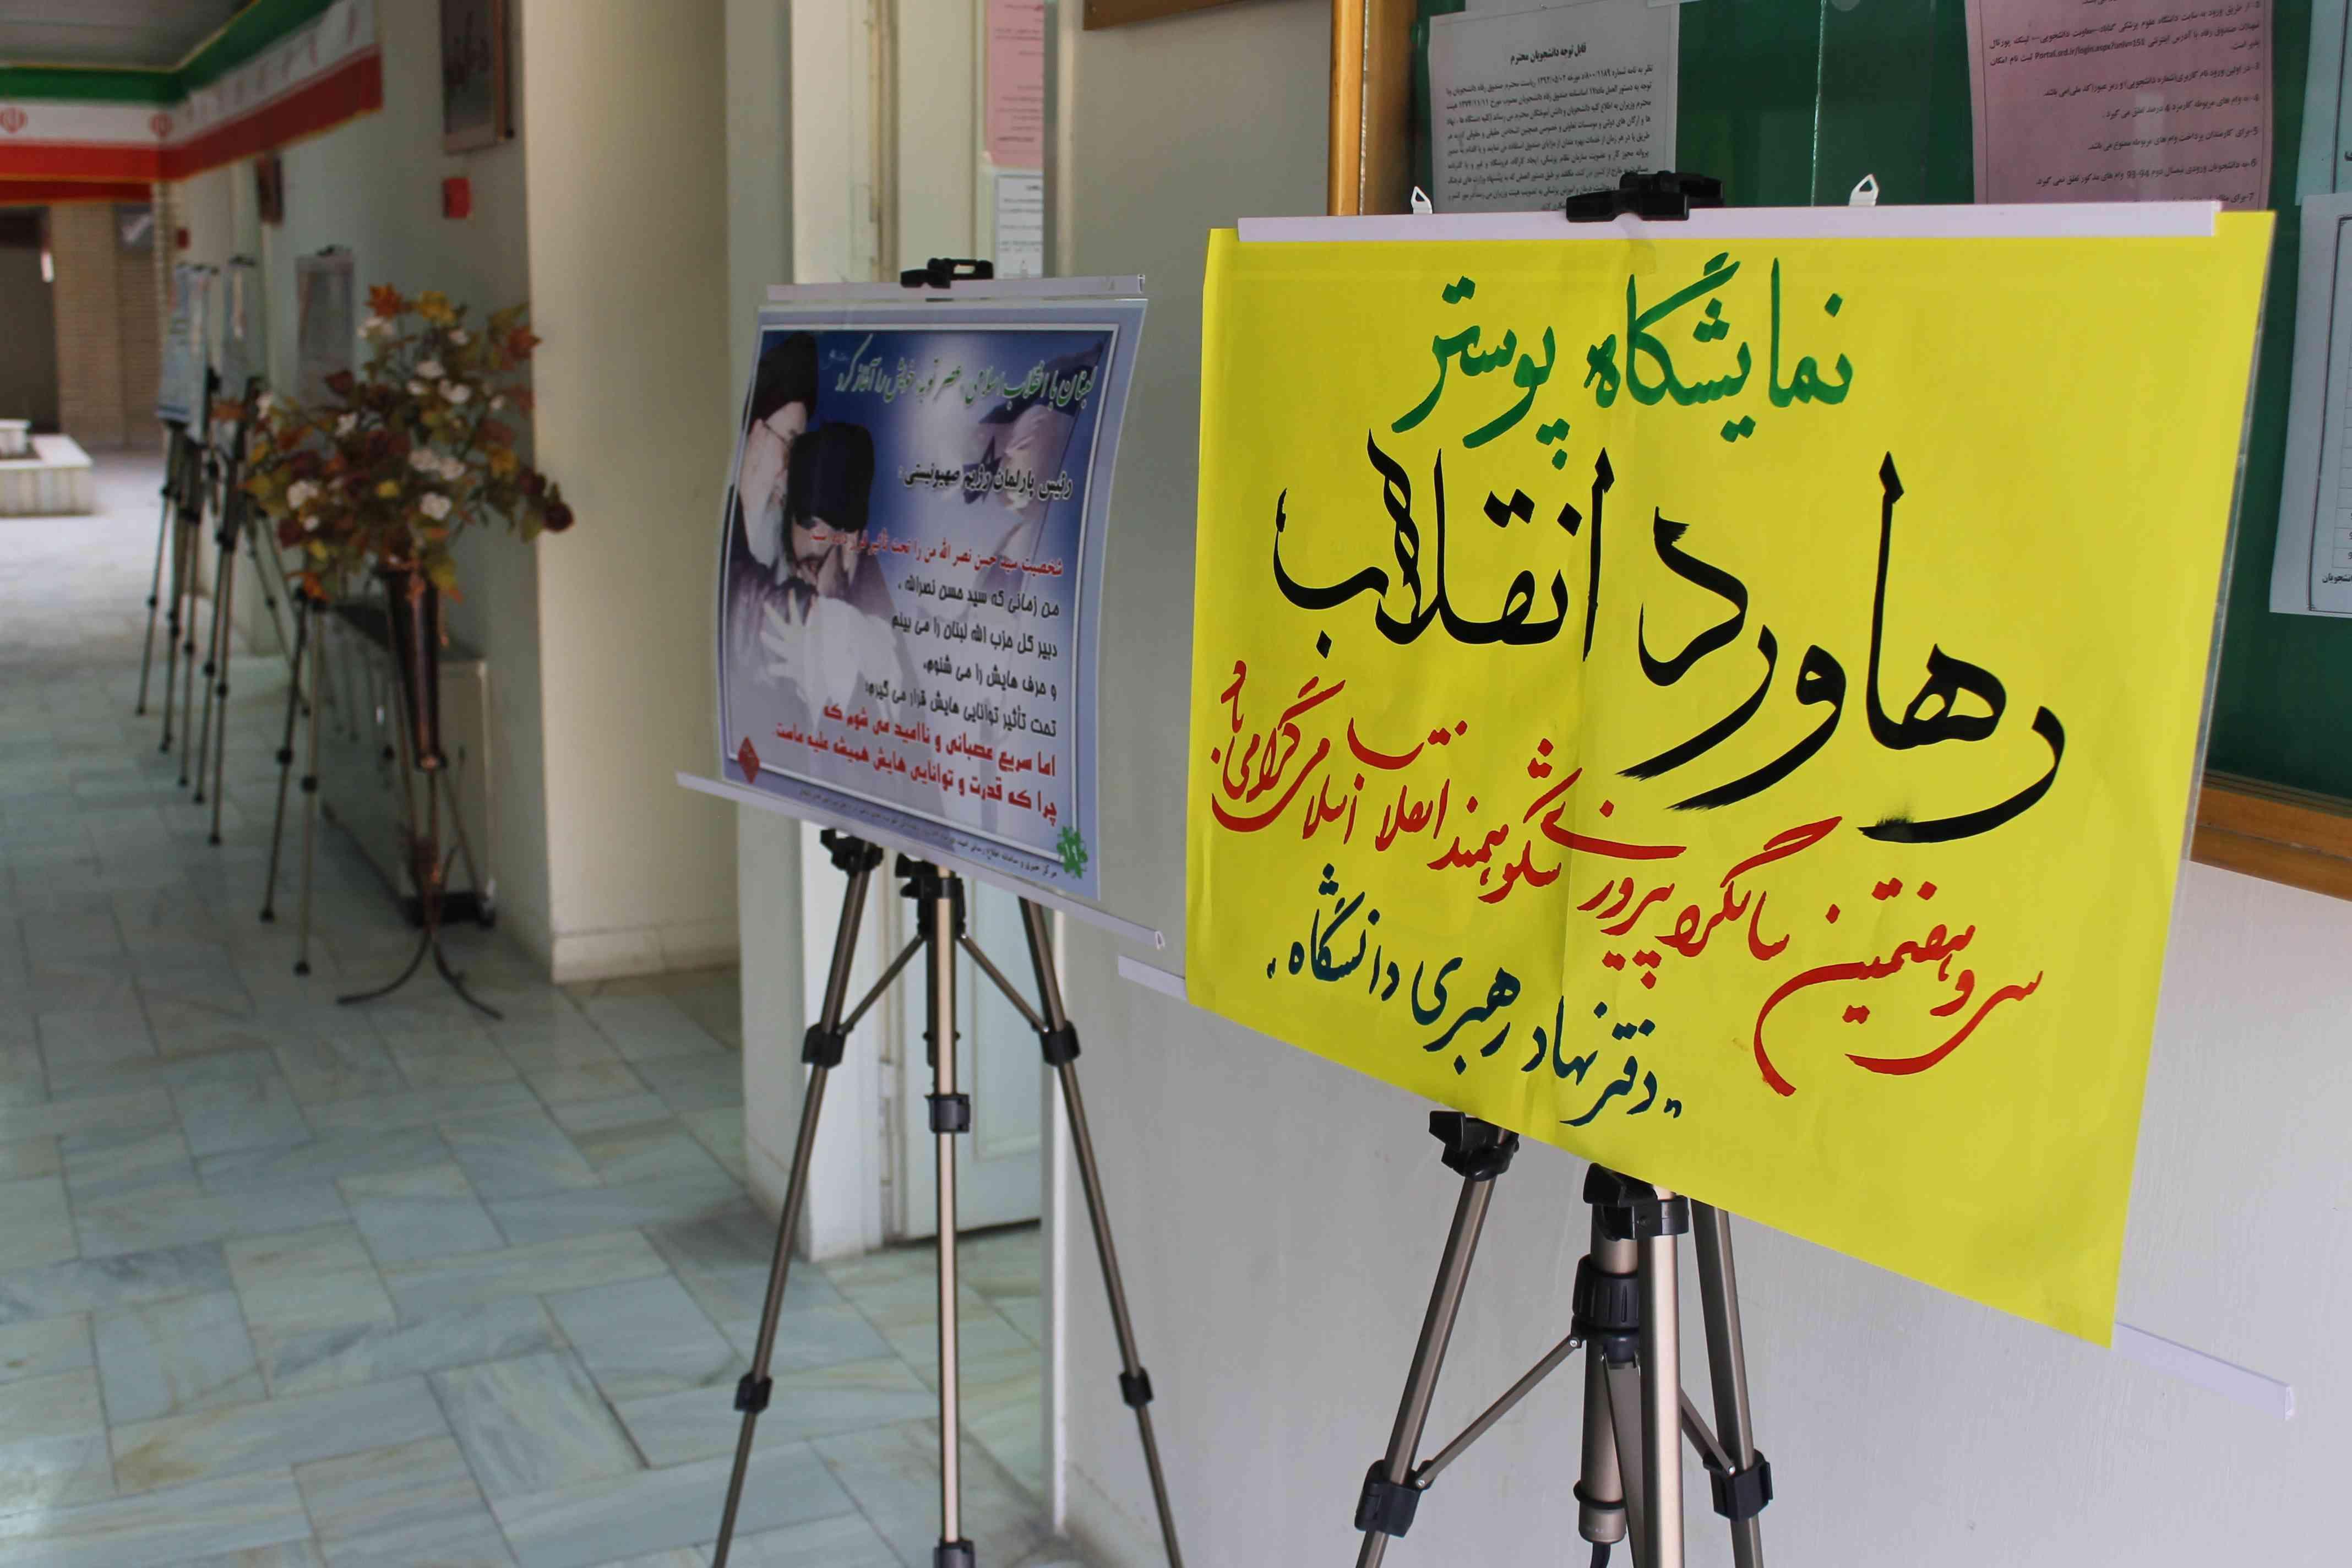 برپایی نمایشگاه پوستر رهاورد انقلاب اسلامی